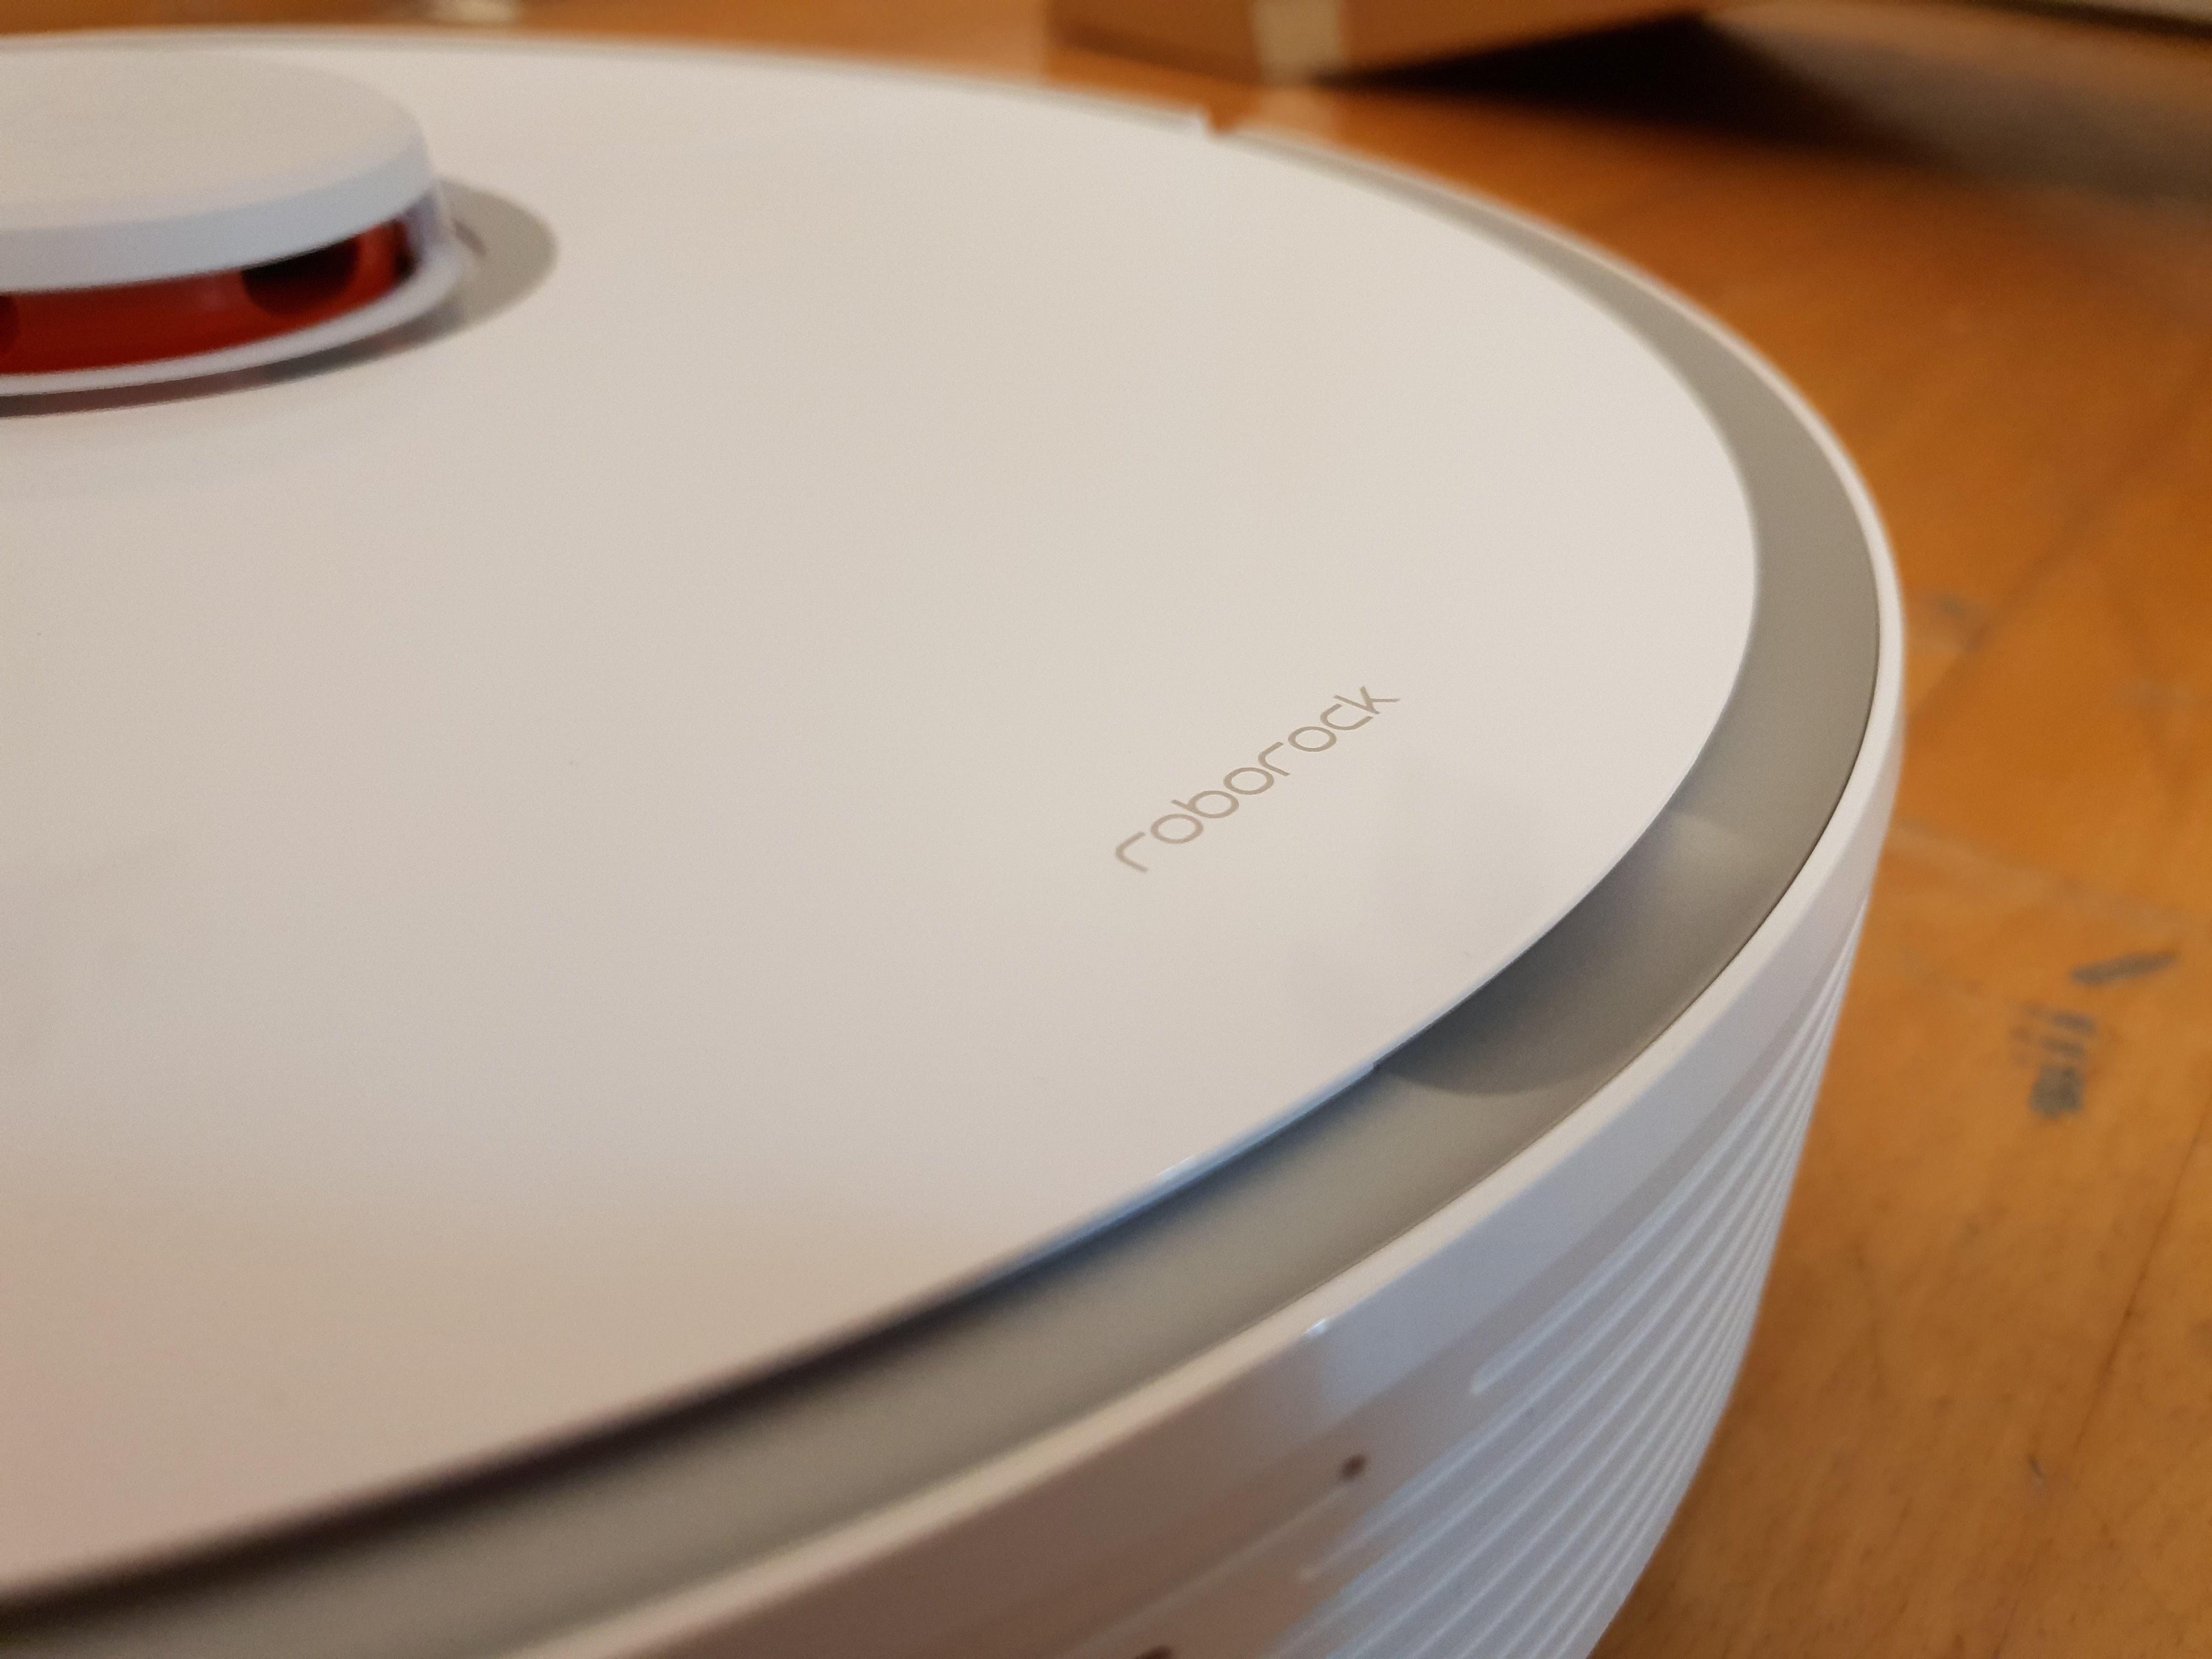 Roborock S50 Xiaomi Vacuum Cleaner